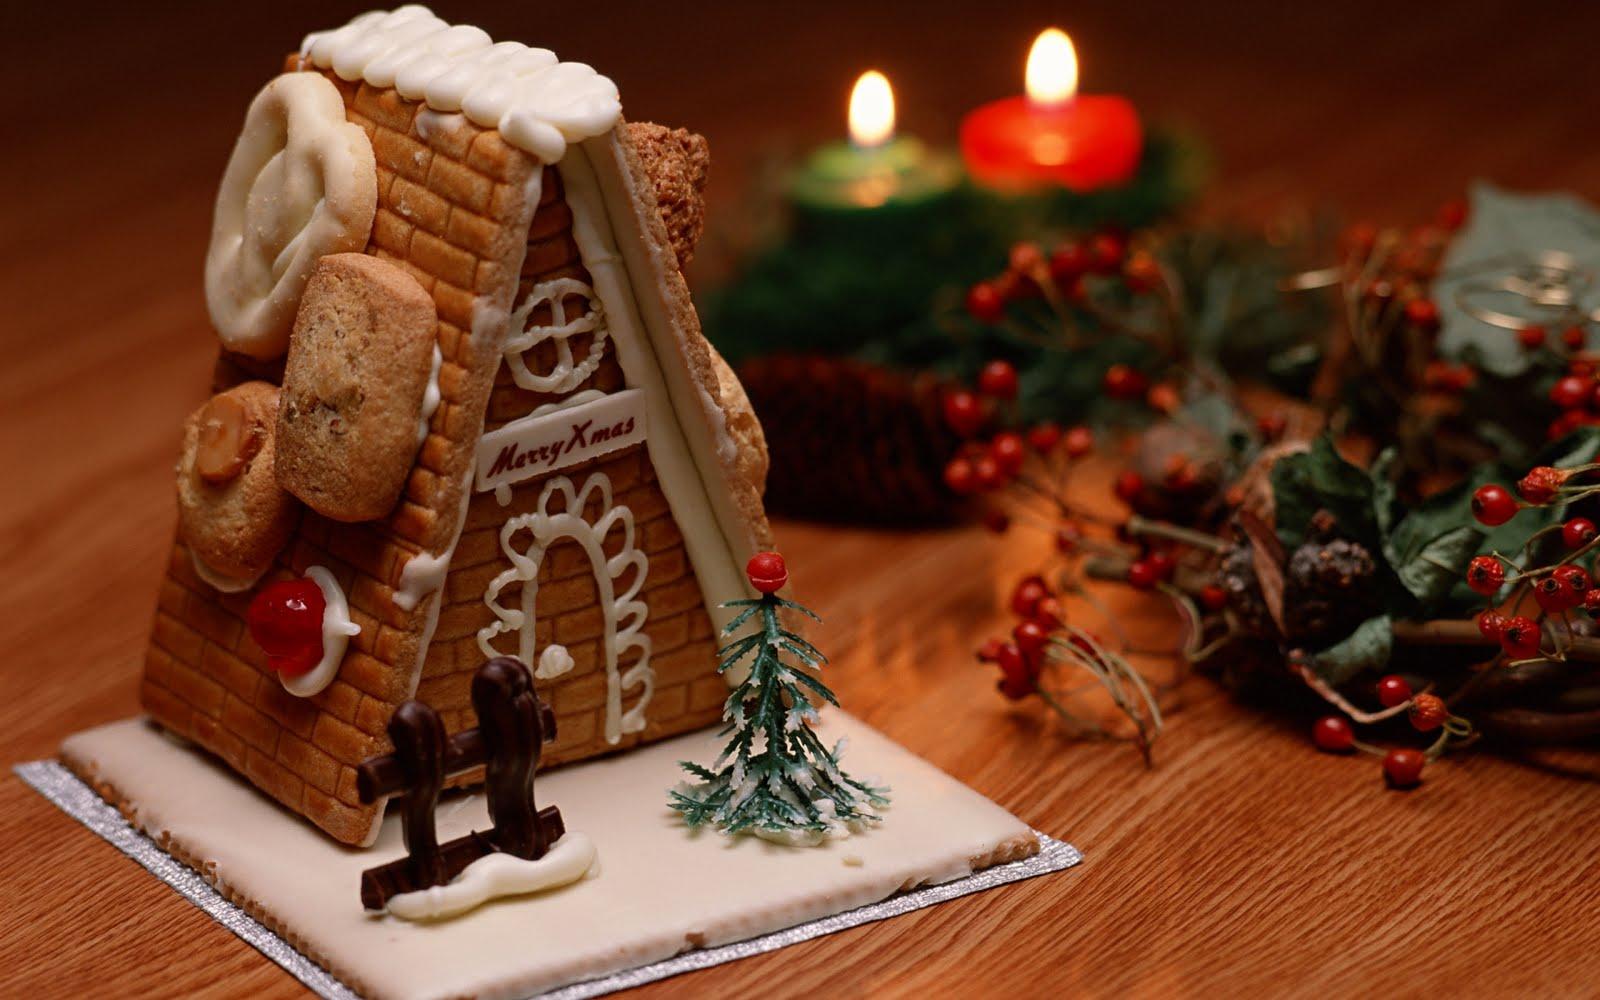 http://1.bp.blogspot.com/-DtO31NNcYyc/TvDn05MvE7I/AAAAAAAAtEI/Zp19iGEXB9k/s1600/sweet-christmas-decoration-dulce-navidad.jpg